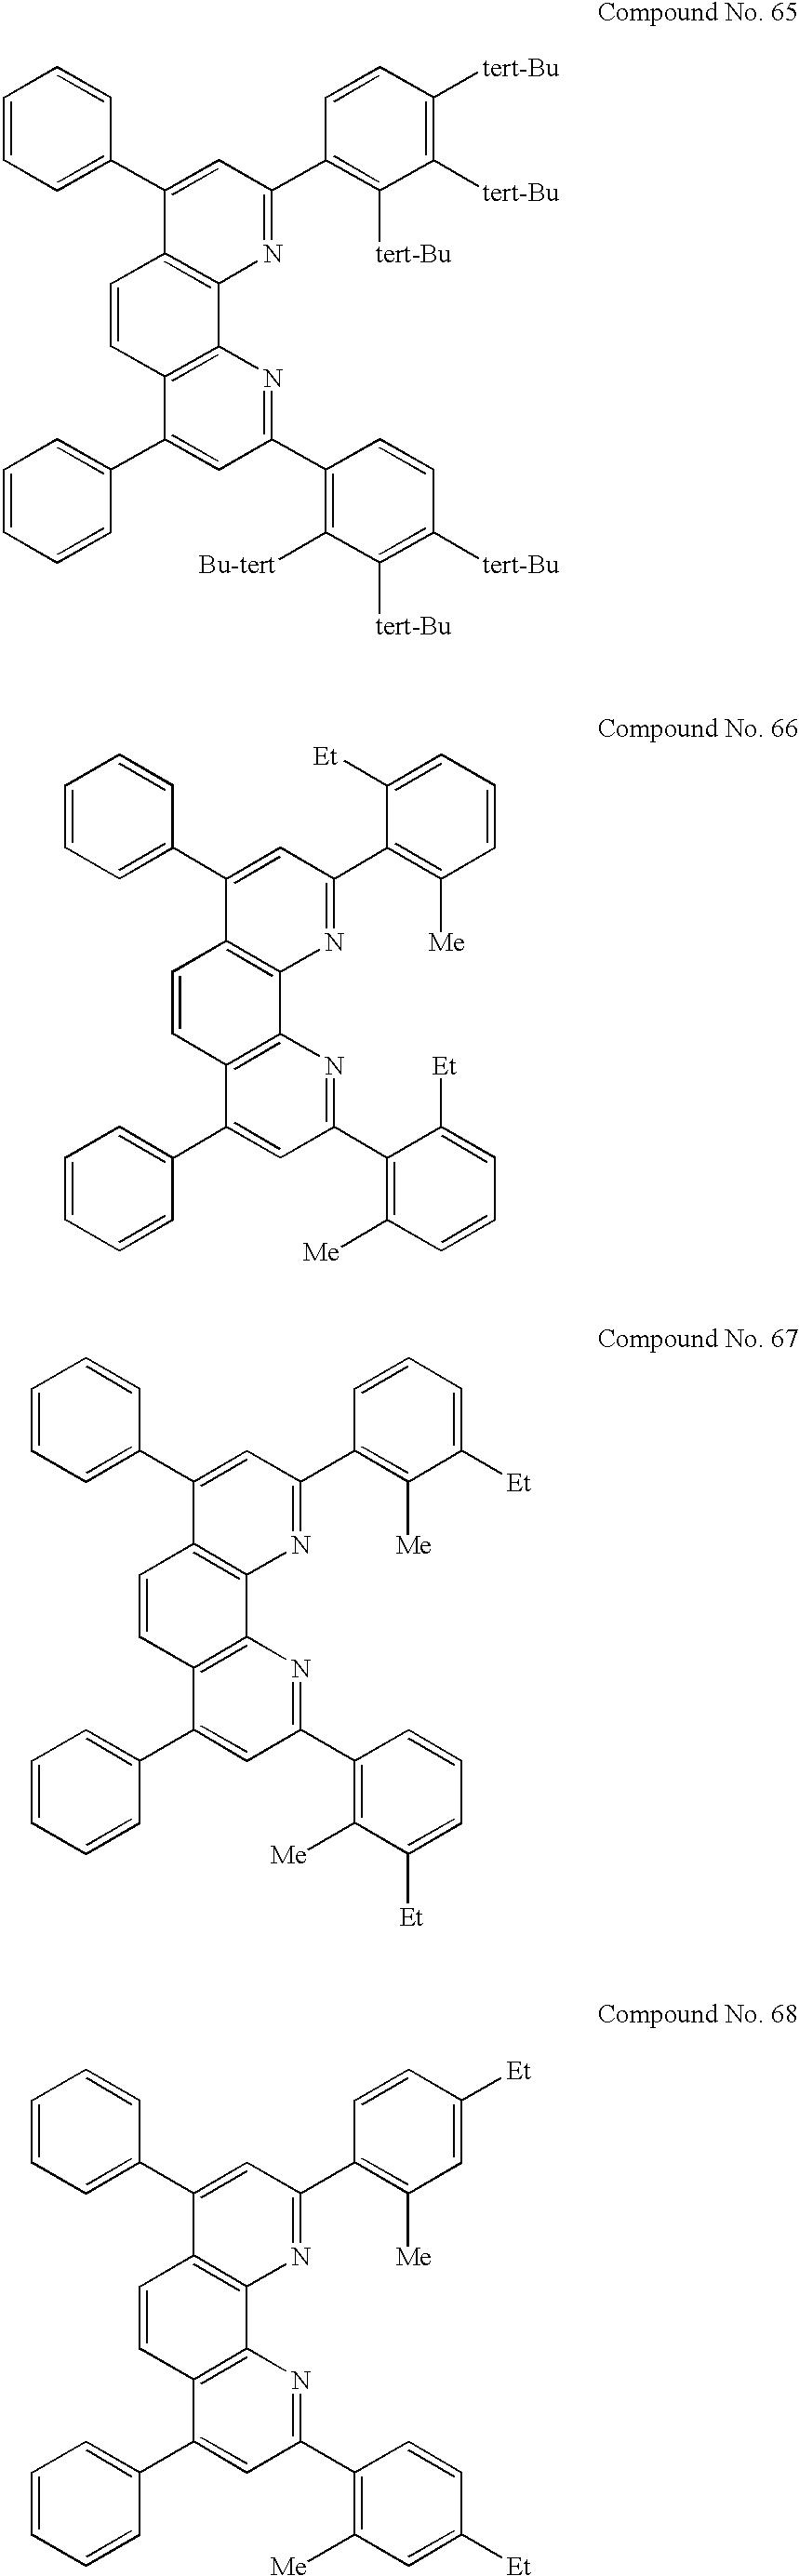 Figure US06524728-20030225-C00019